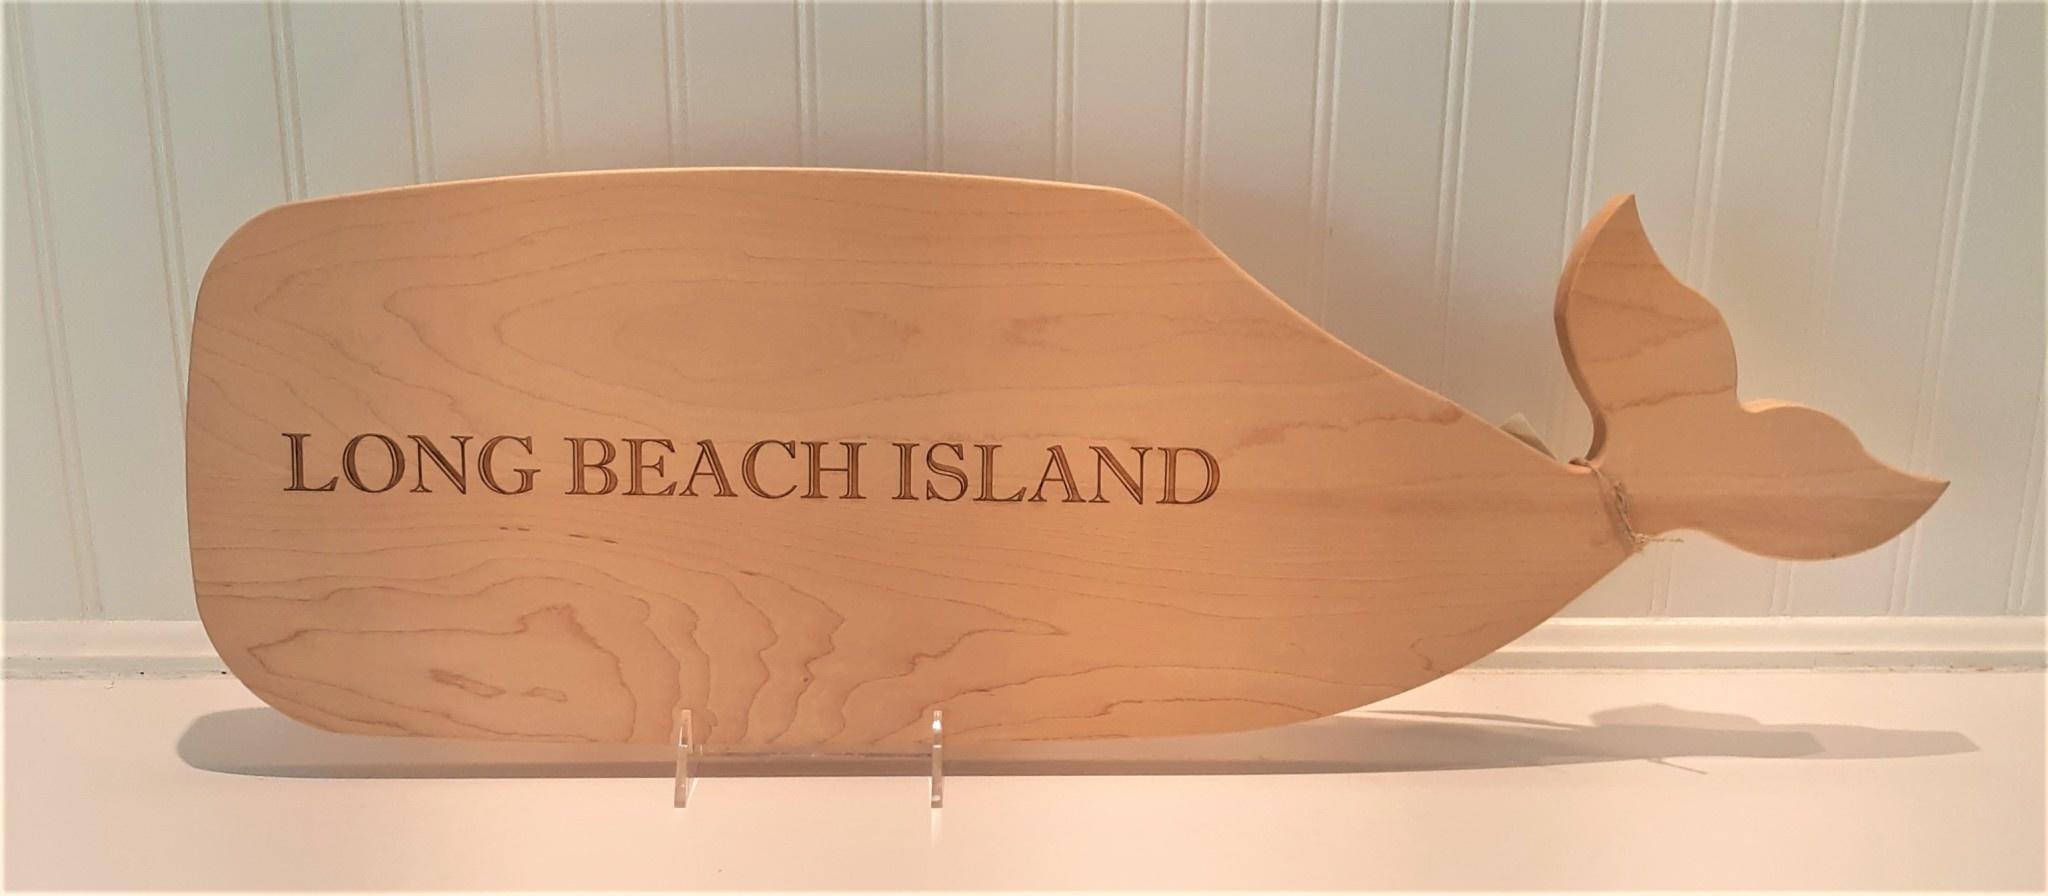 Beach Days Whale Cutting Board Long Beach Island